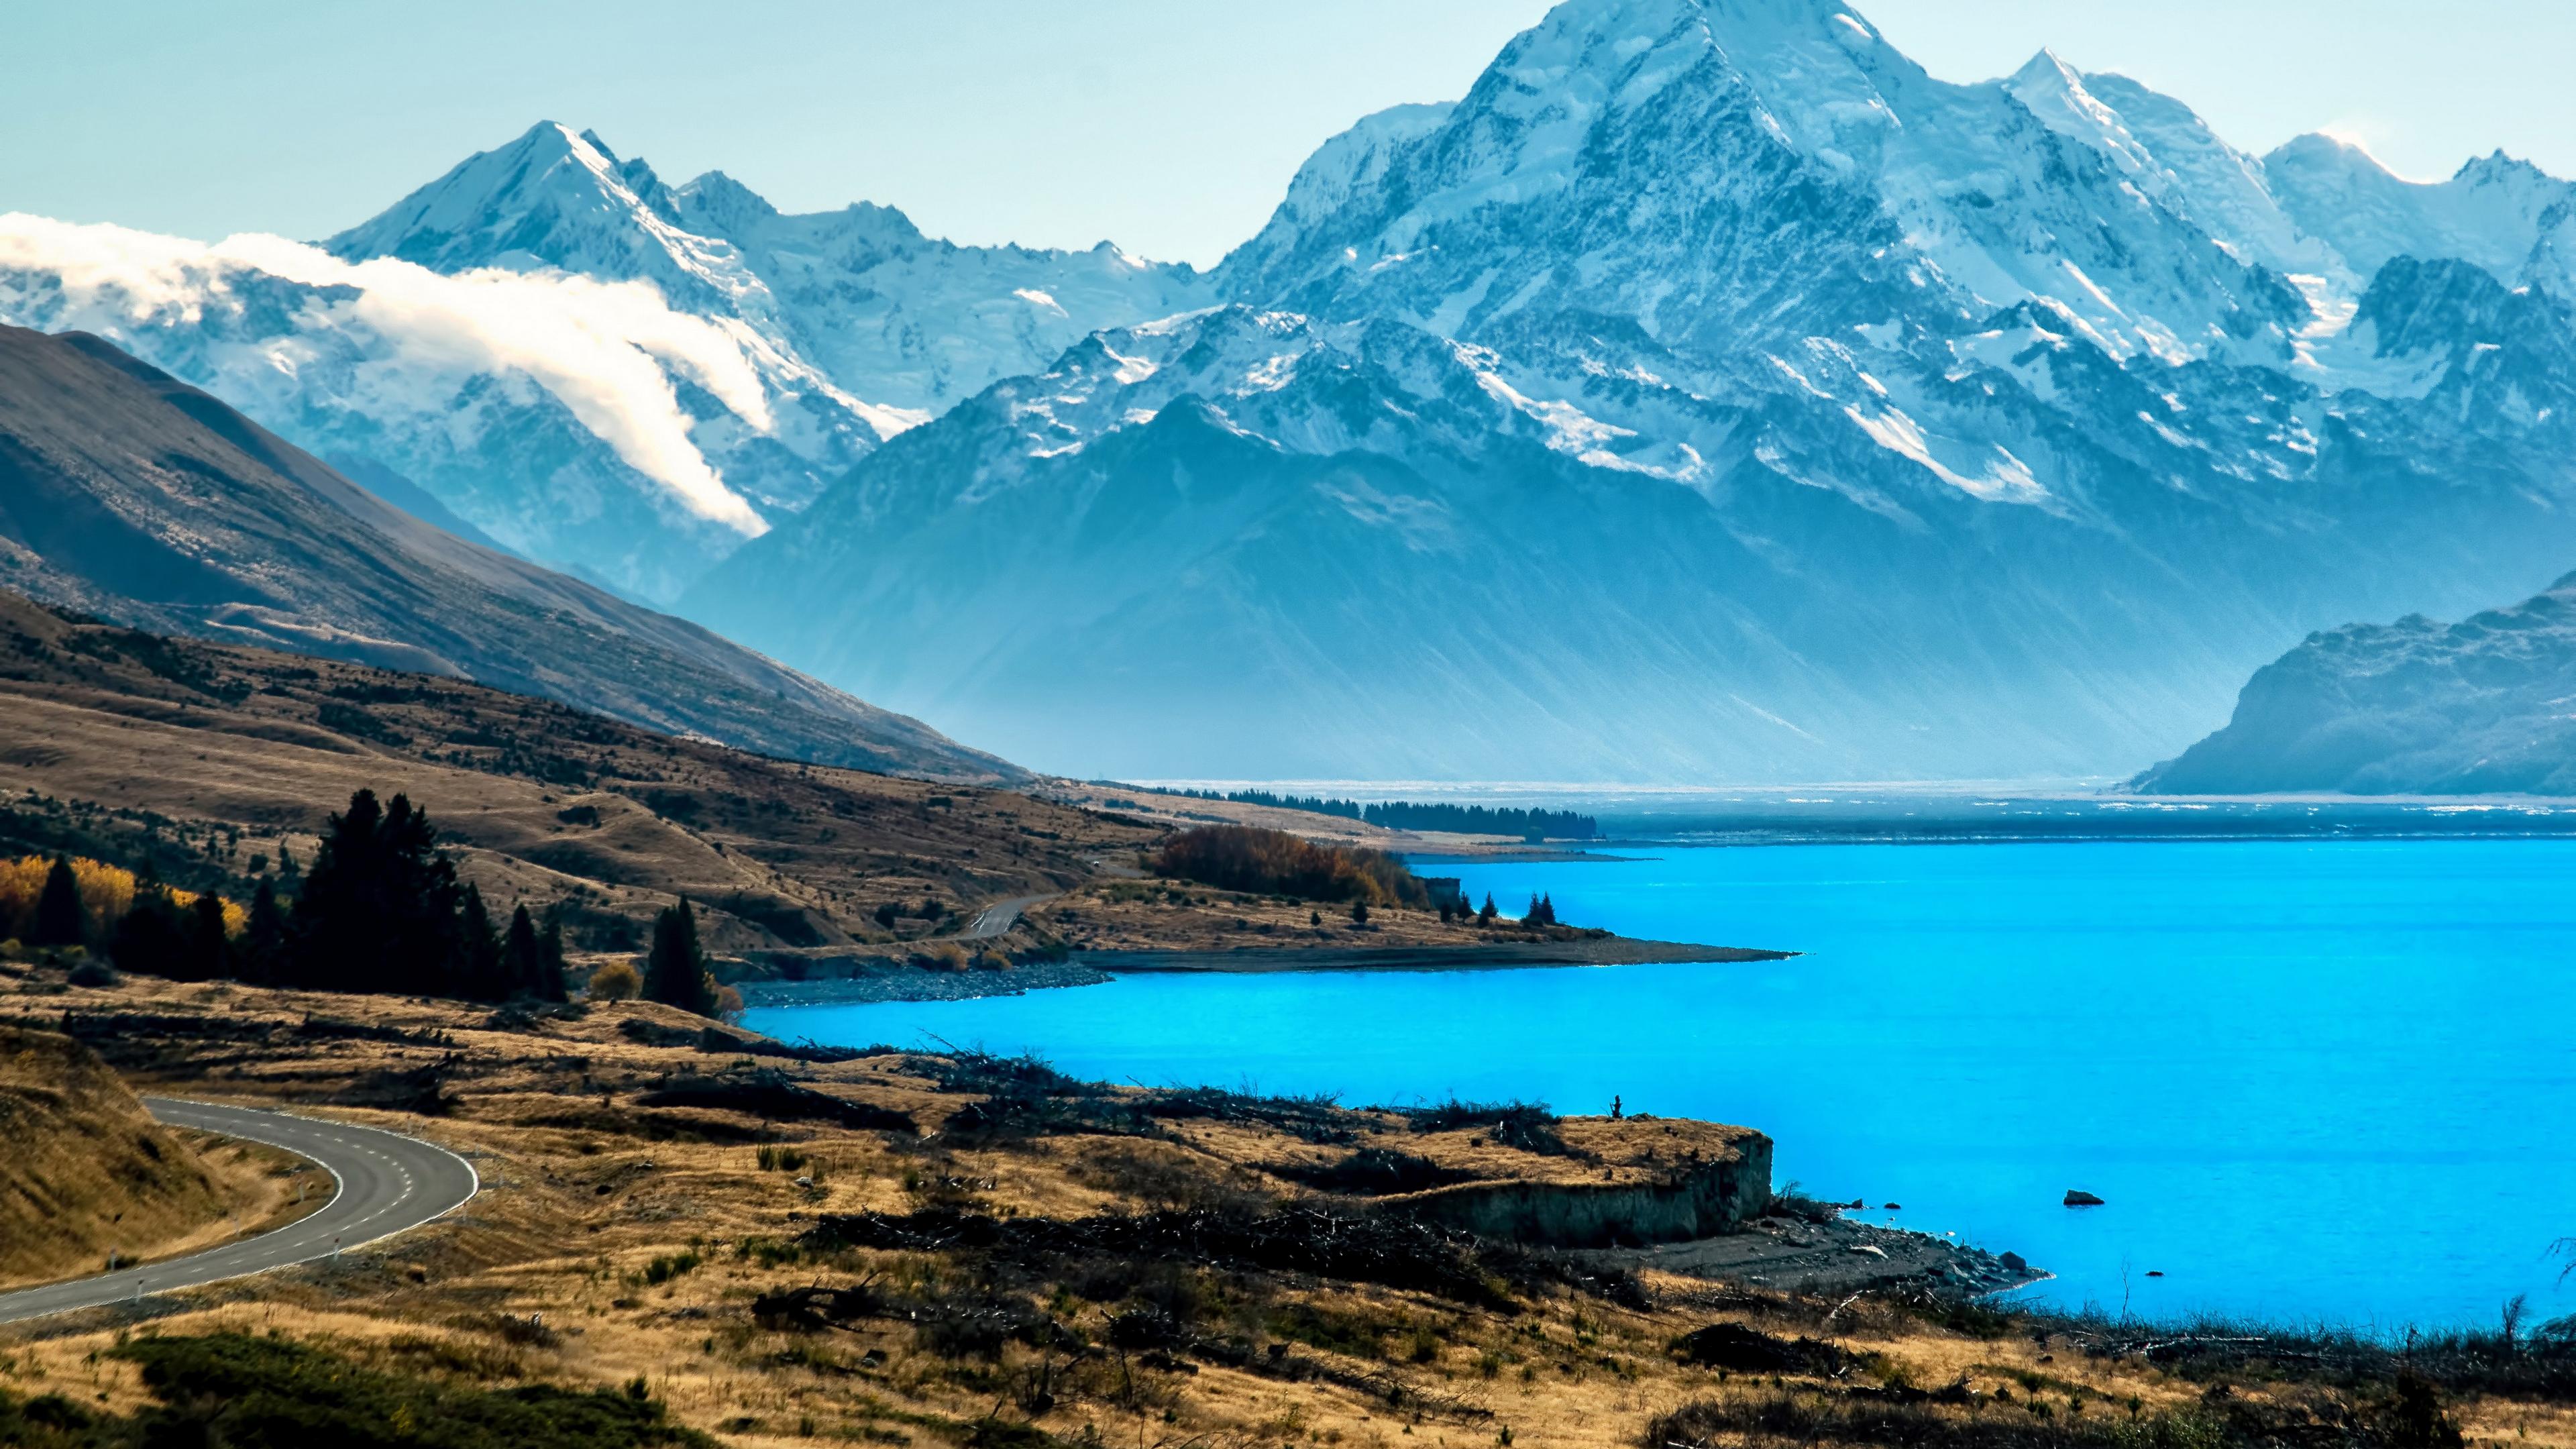 Ледниковое озеро у подножия снежных гор и холмов